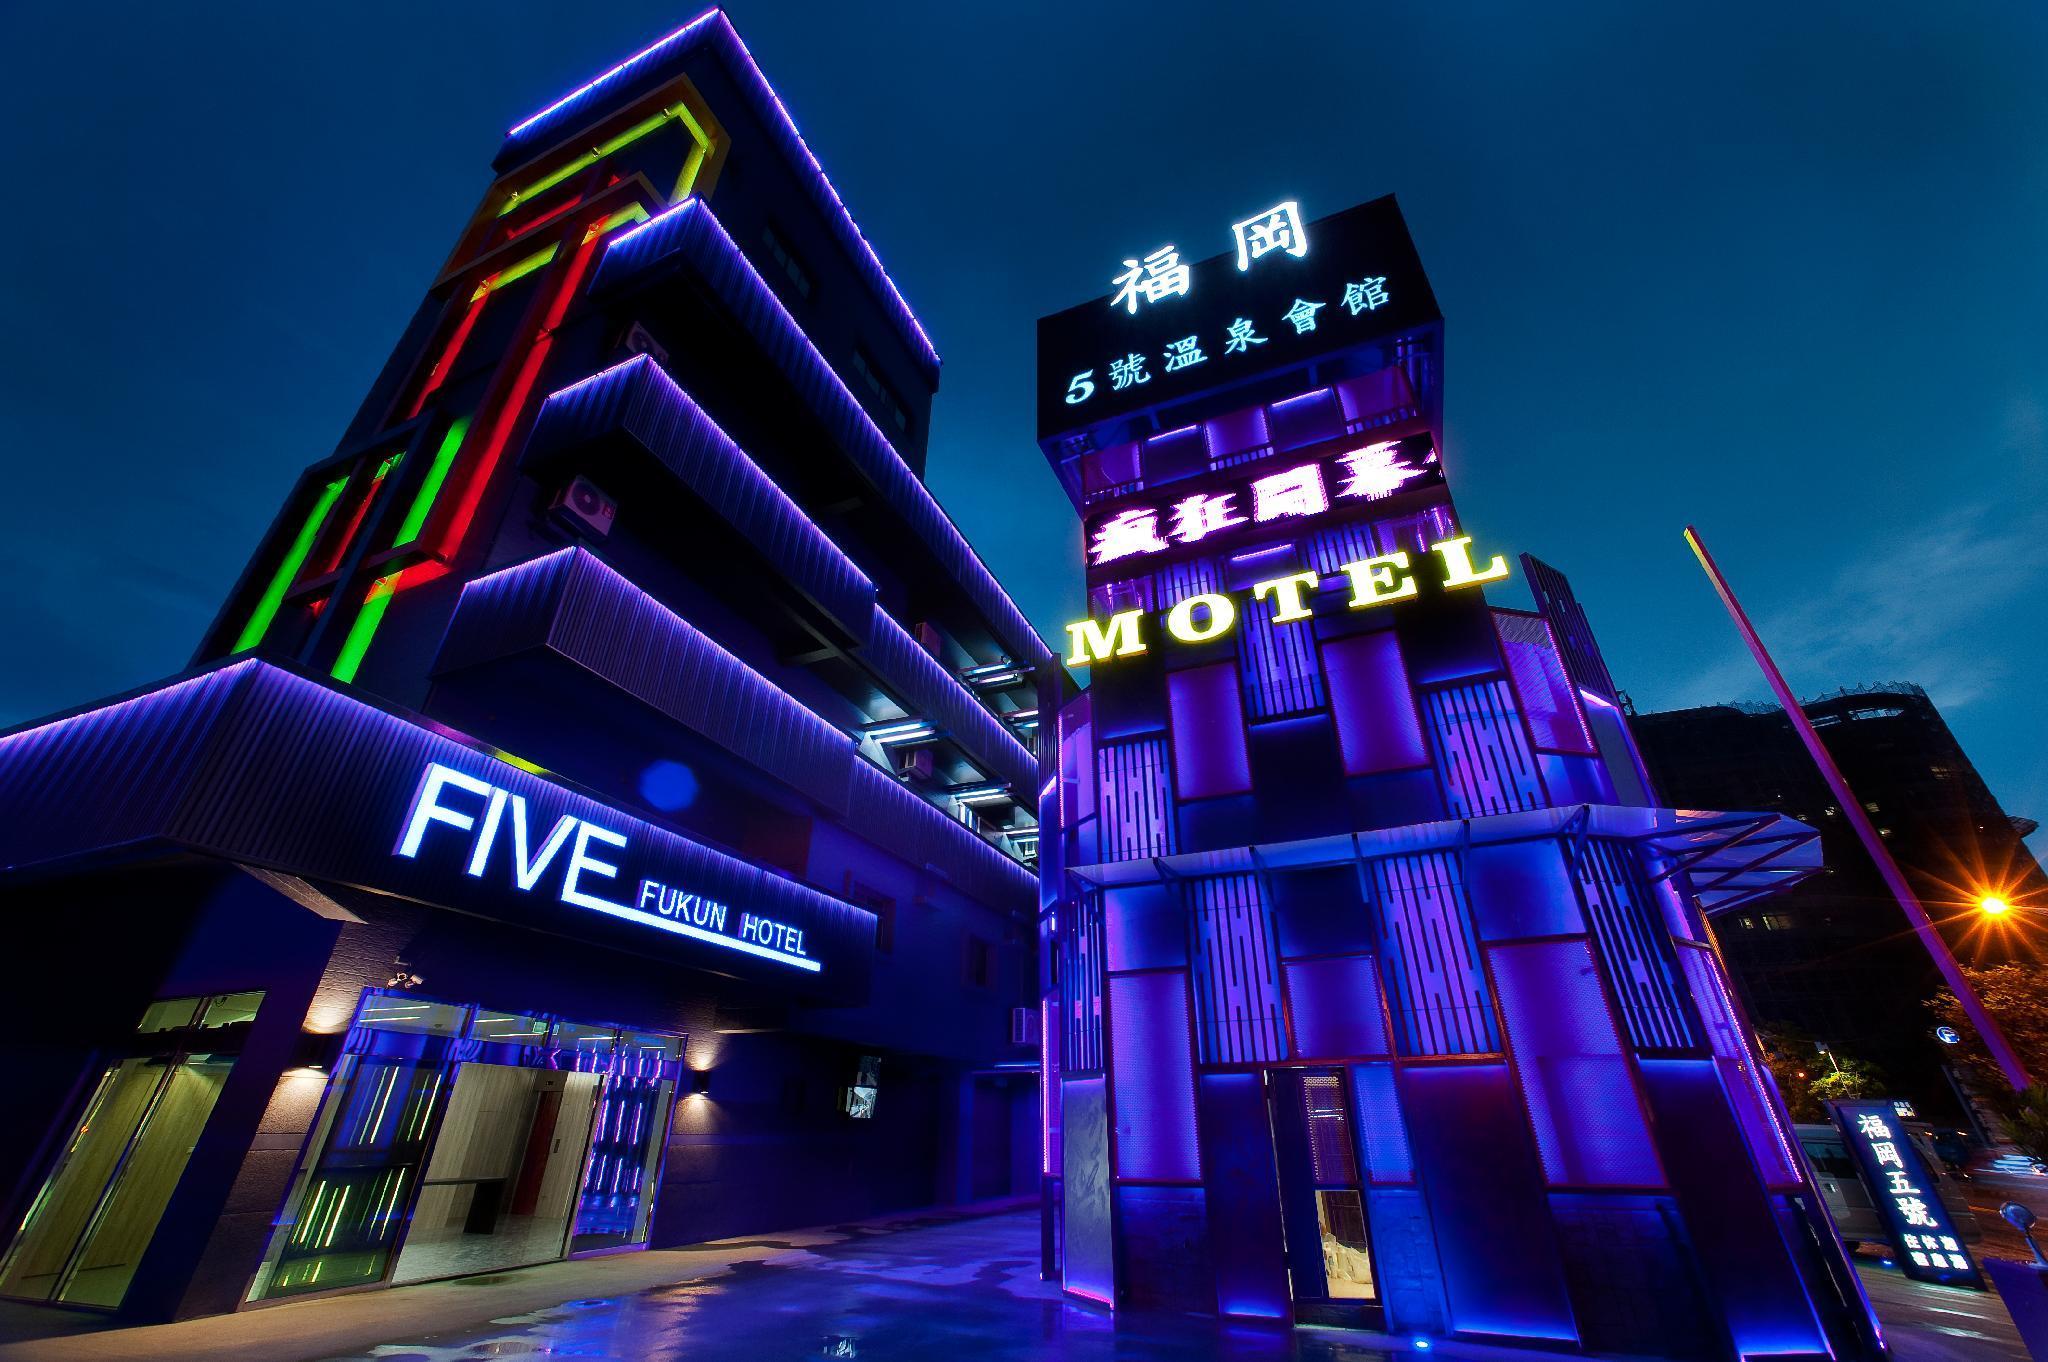 Fukun 5 Motel